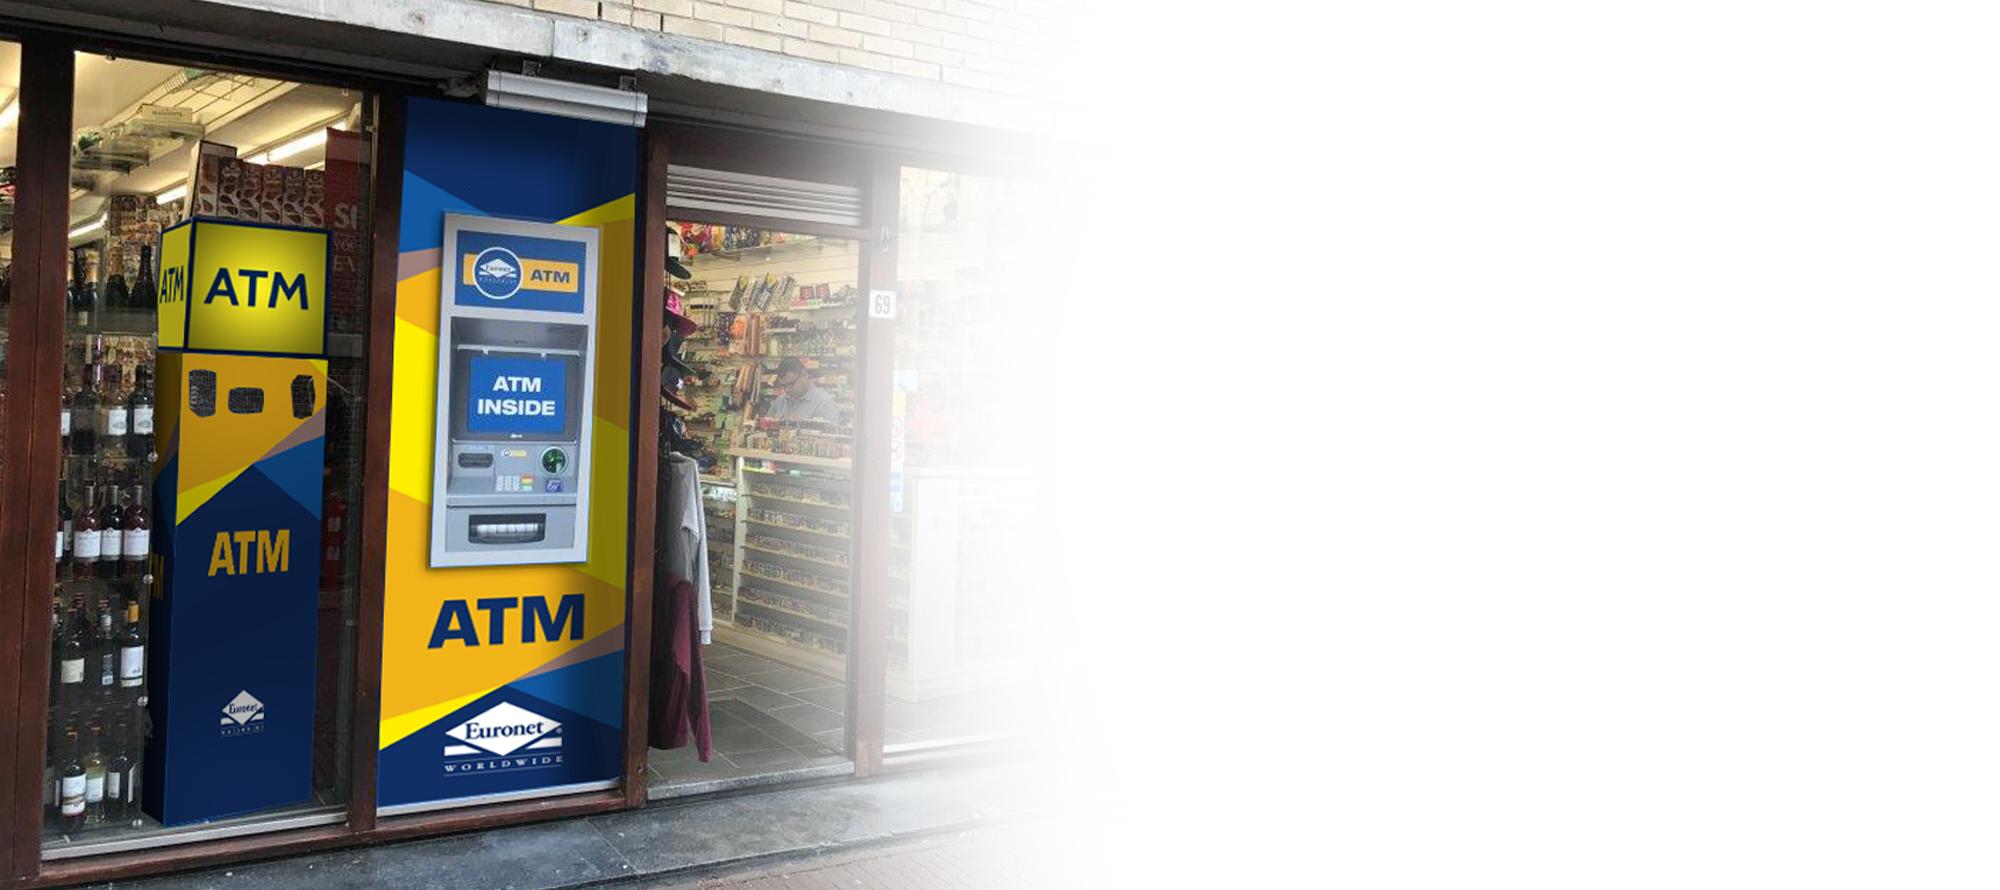 Bied uw klanten extra service met een Euronet geldautomaat.